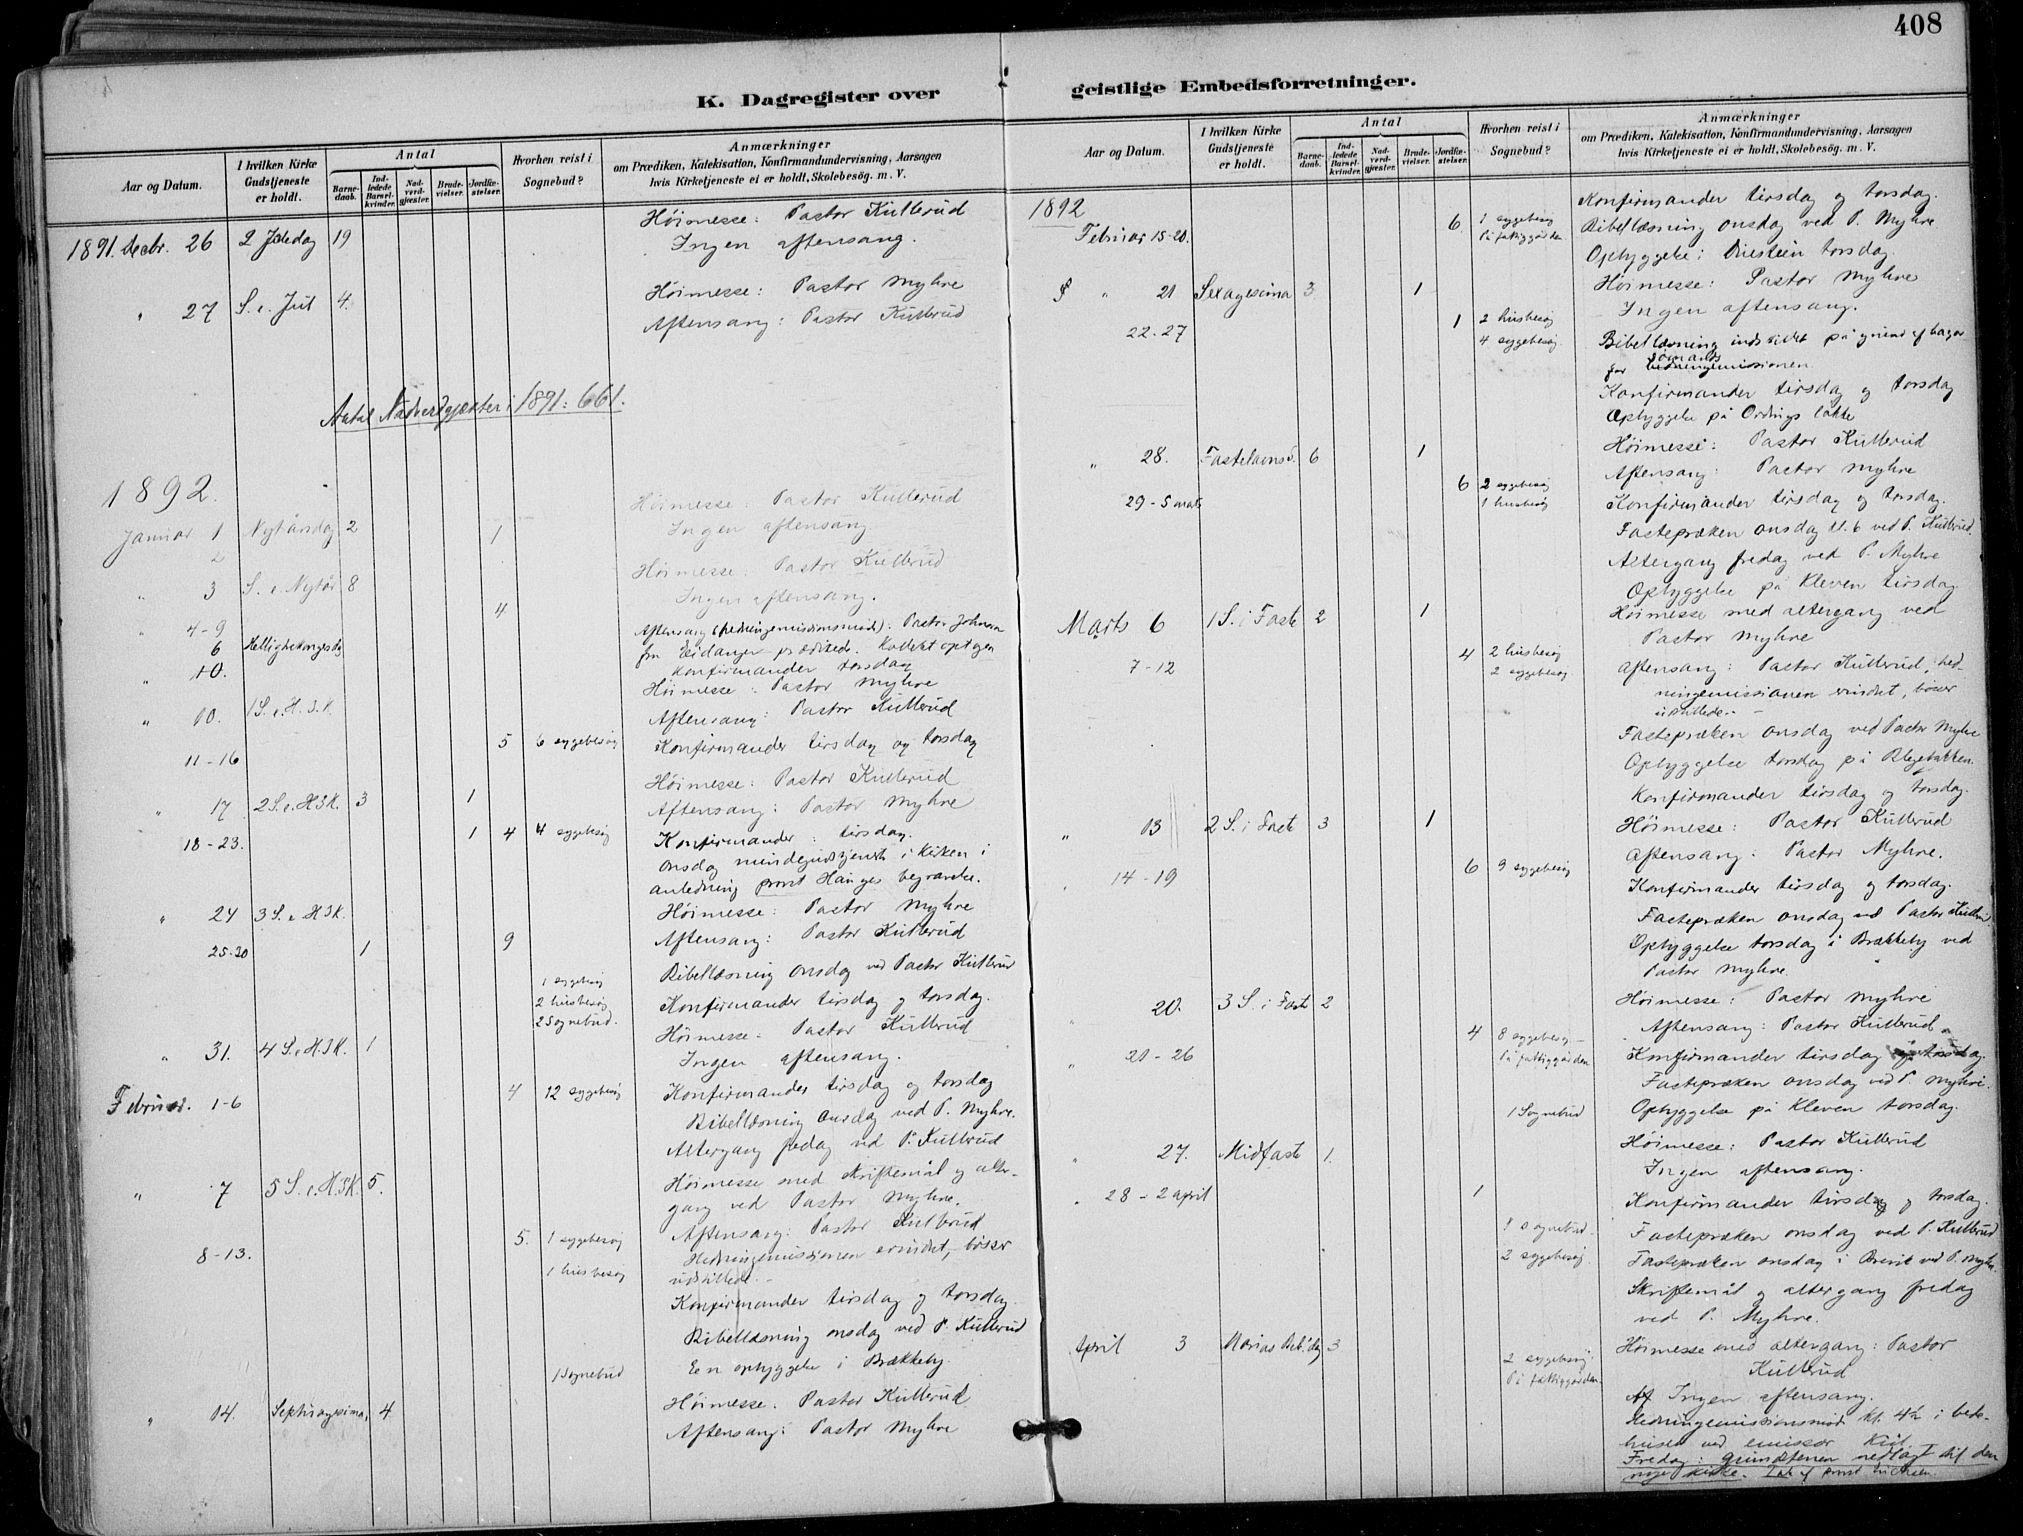 SAKO, Skien kirkebøker, F/Fa/L0010: Ministerialbok nr. 10, 1891-1899, s. 408